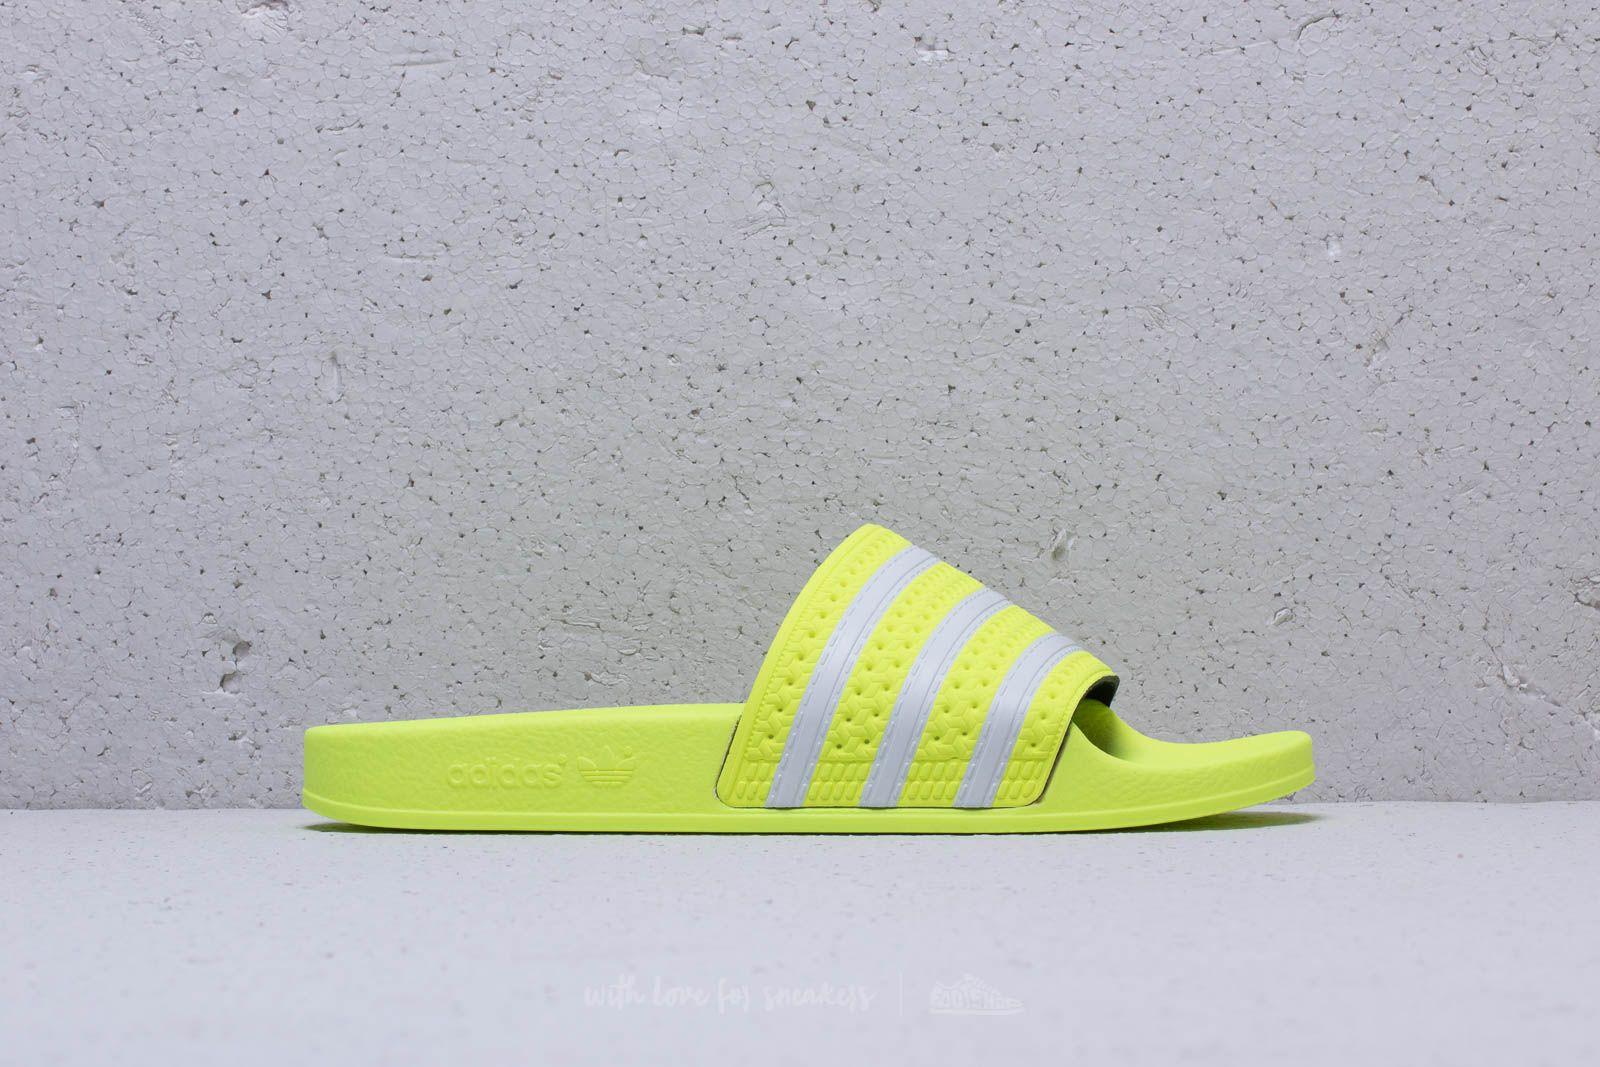 d4db4e90b9b9 adidas Adilette Semi Frozen Yellow  Ftw White  Semi Frozen Yellow at a great  price